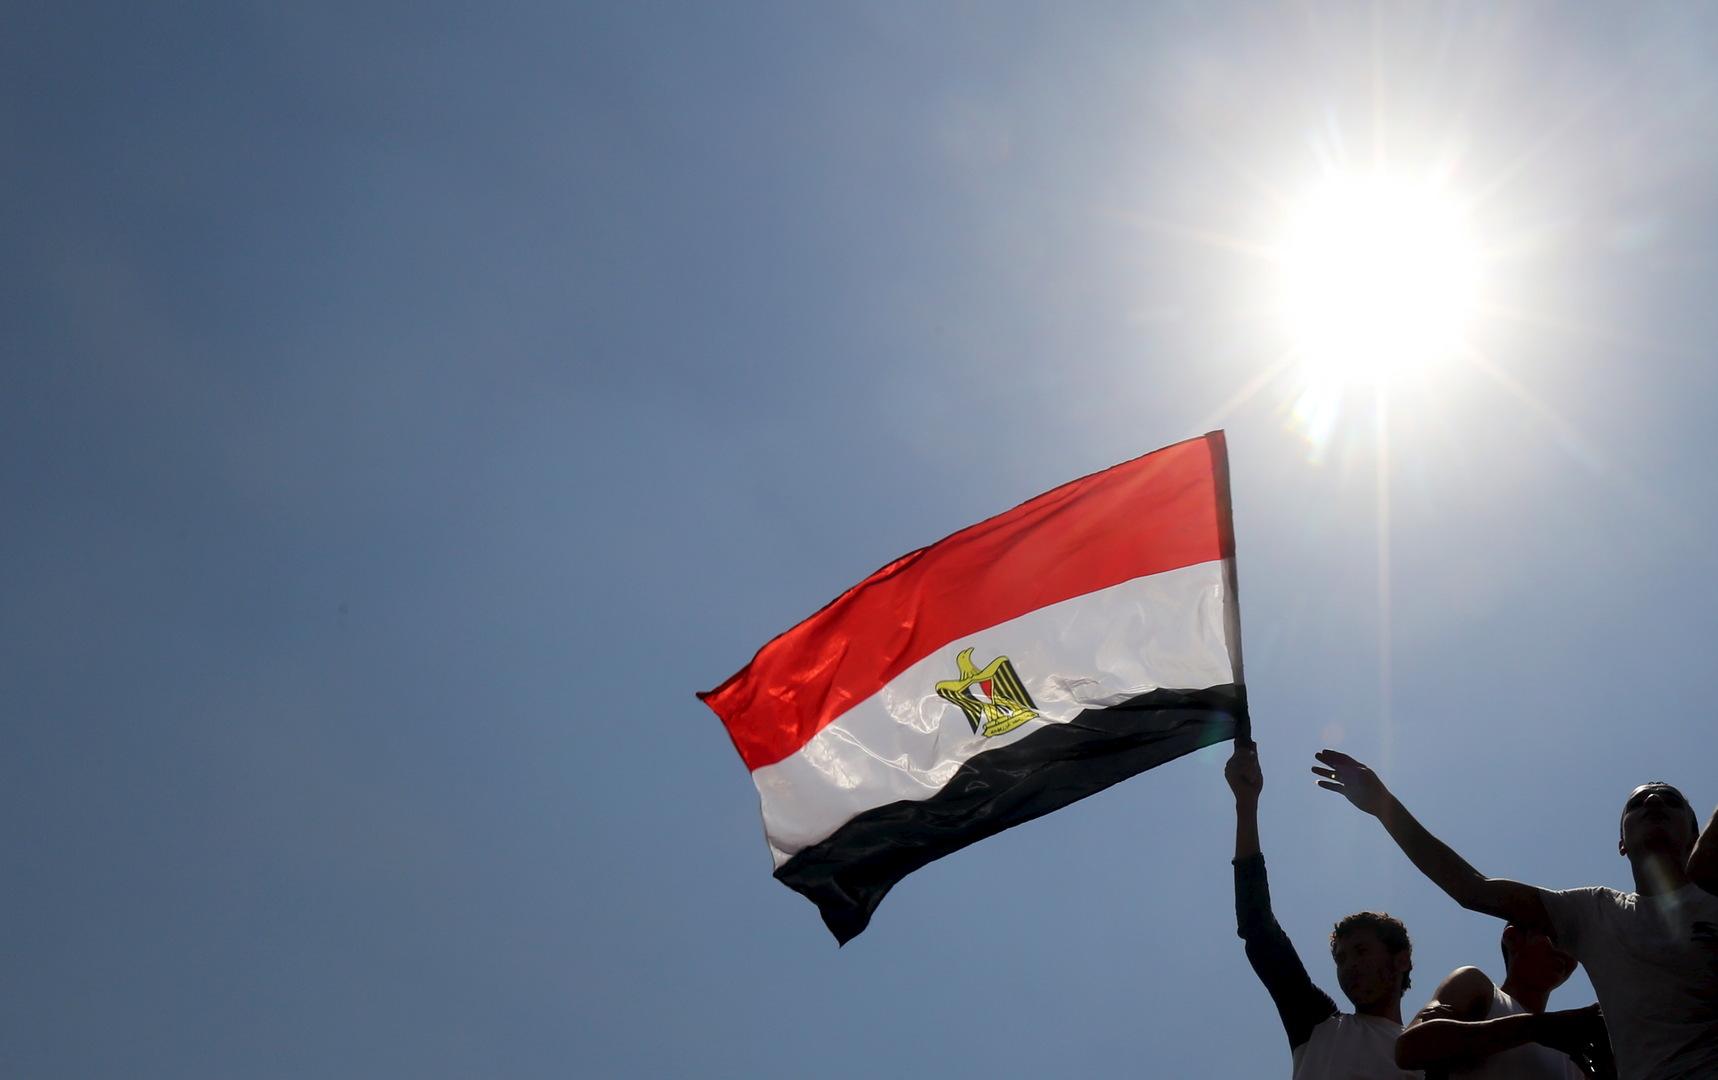 مصر تعلن عن رفضها لعرض إثيوبي بمشاركتها بيانات ملء وتشغيل سد النهضة دون اتفاق ملزم